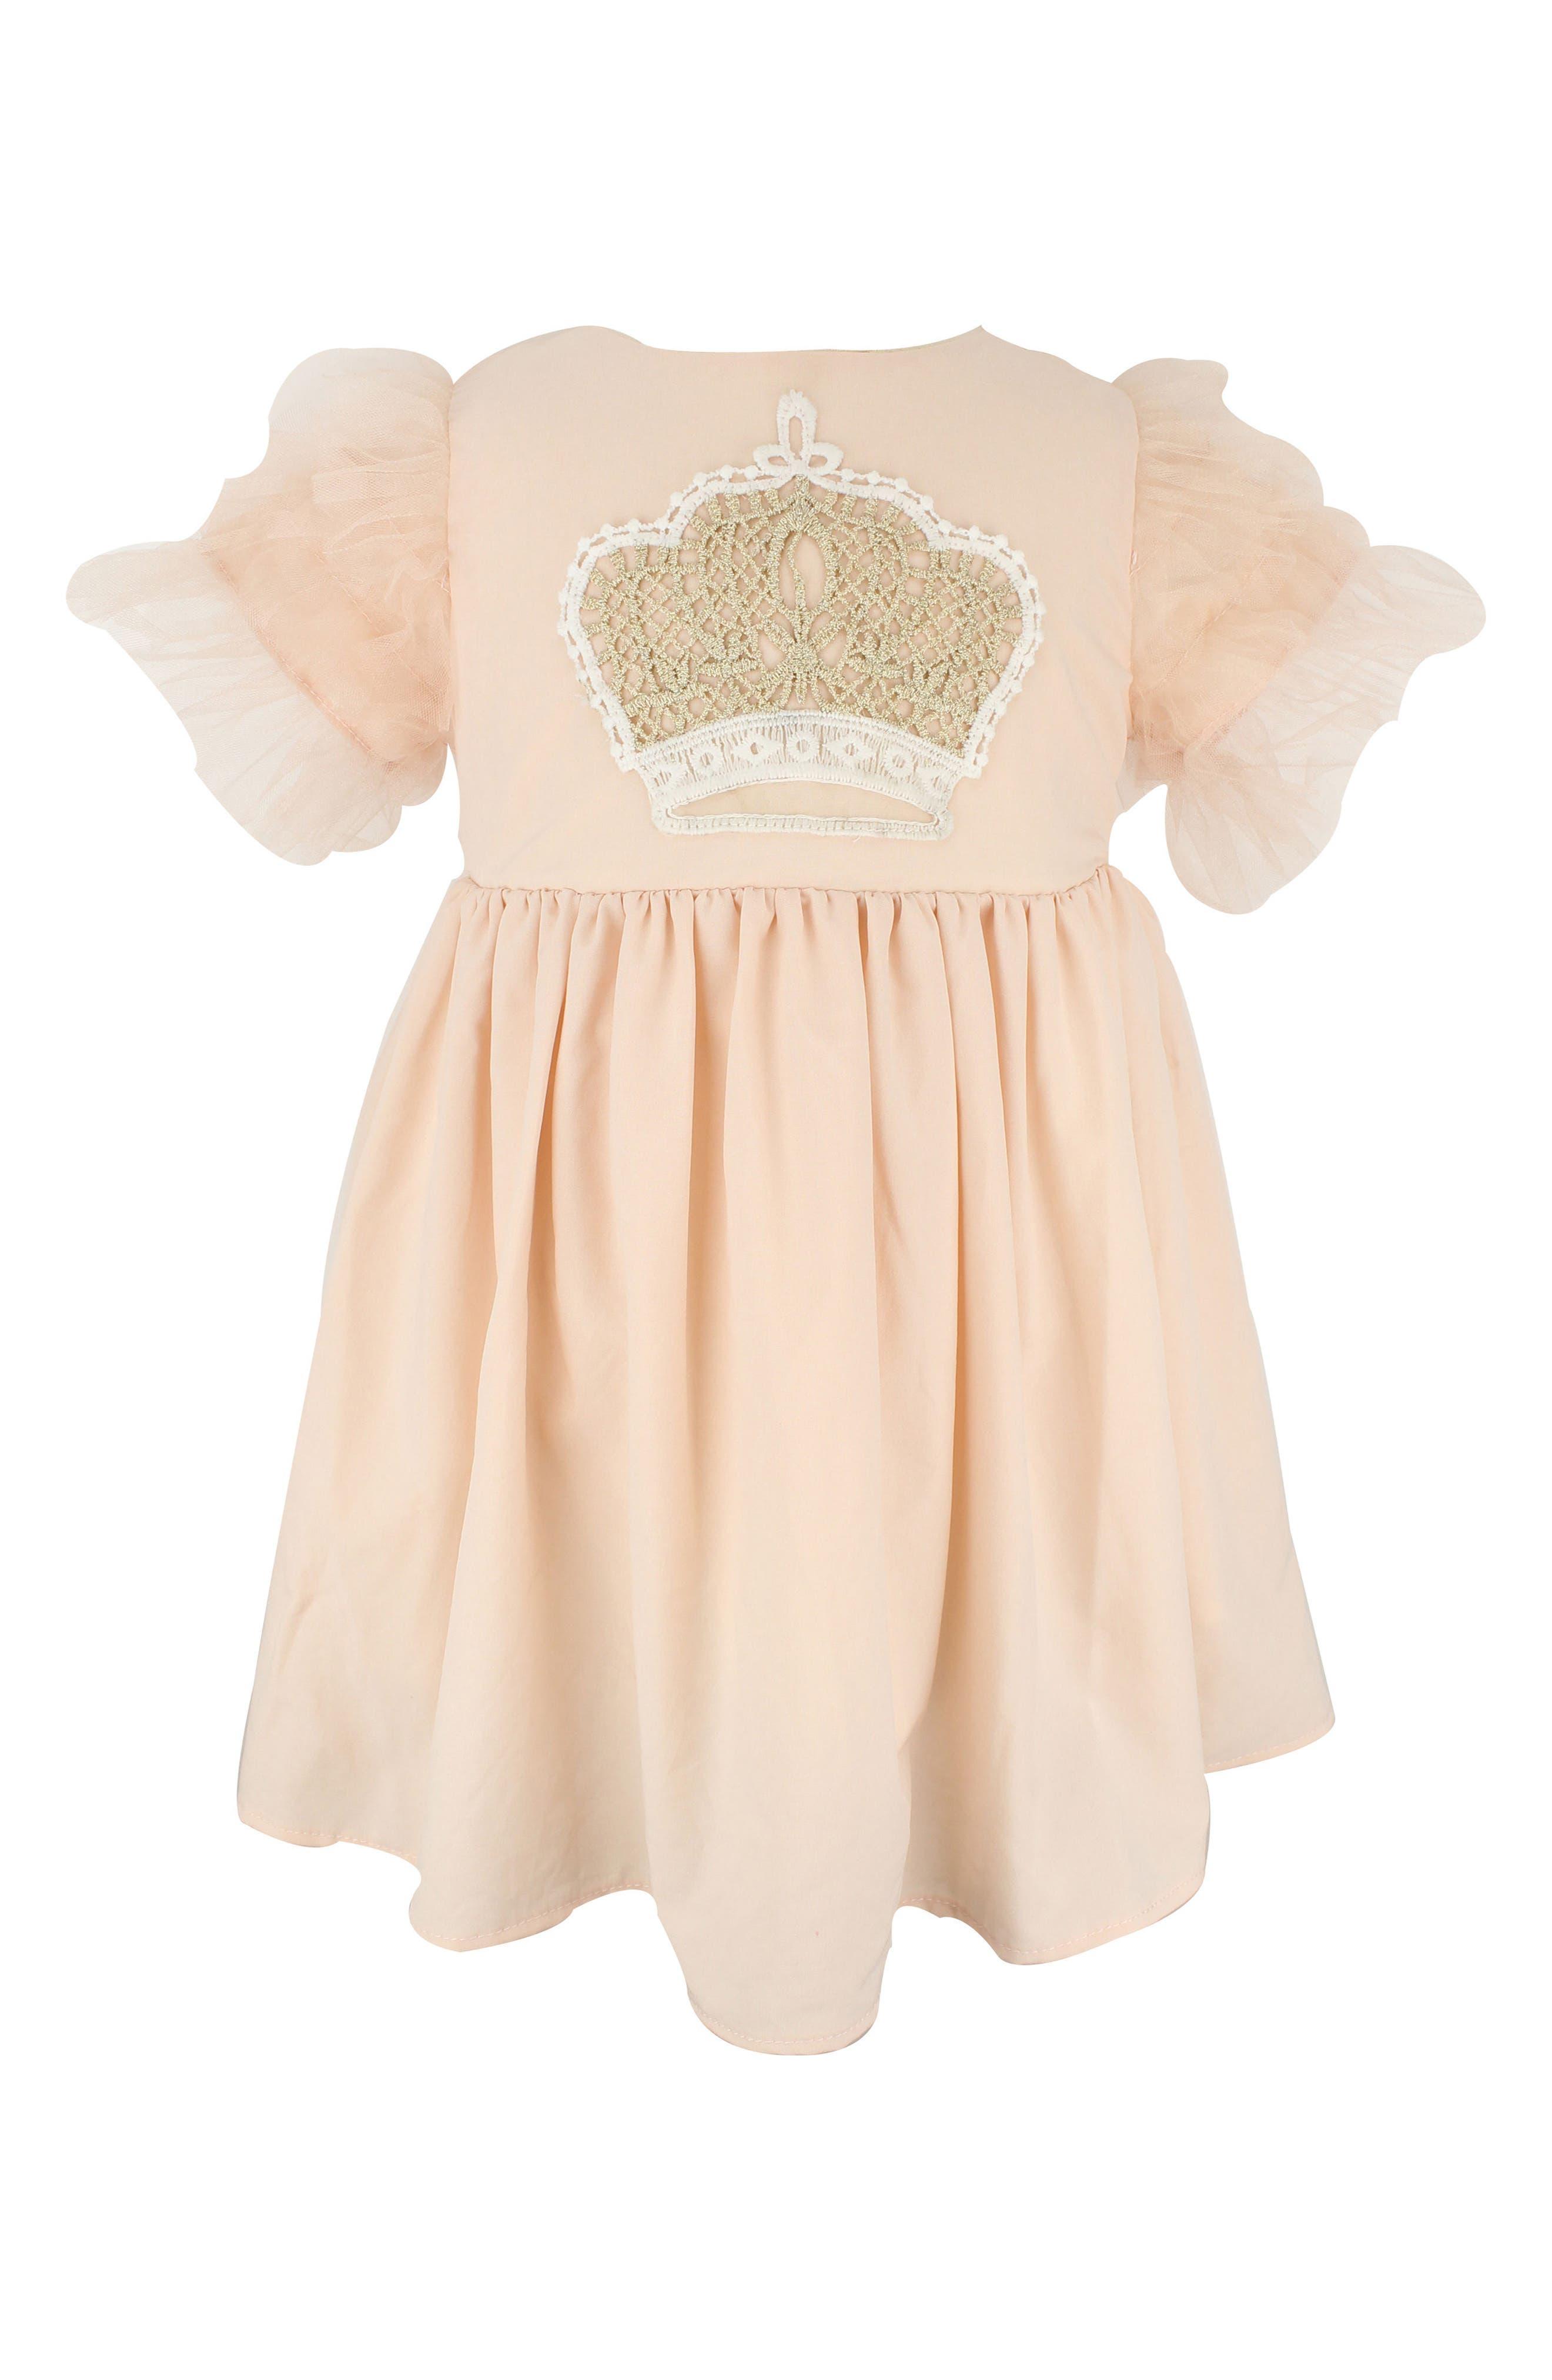 Crown Appliqué Dress,                         Main,                         color, 691